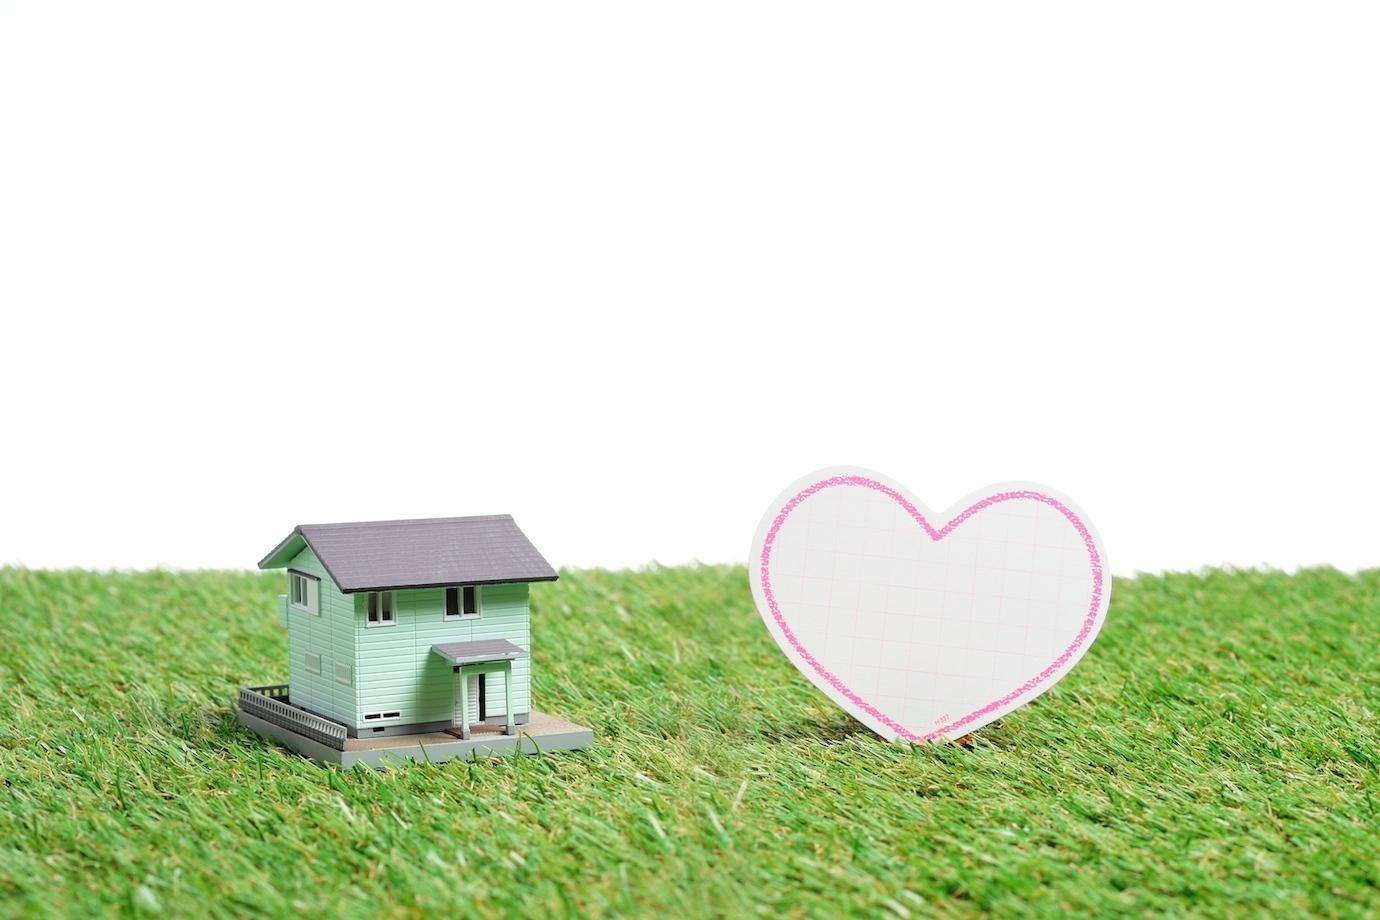 住宅とハート